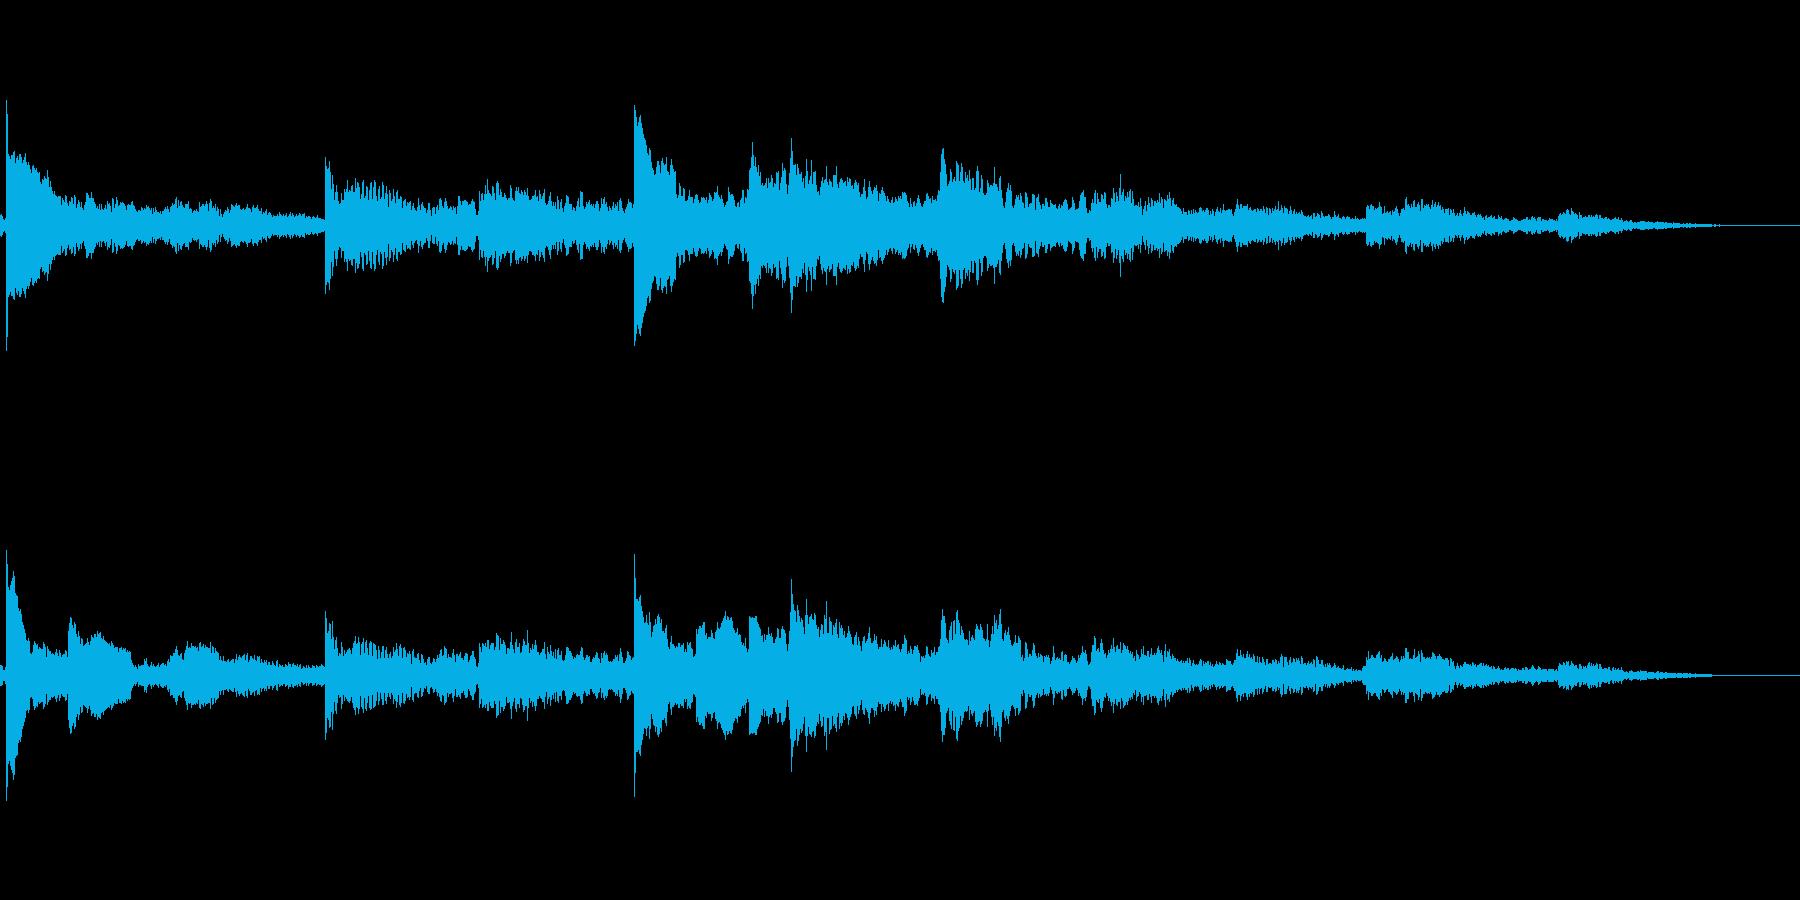 冬を感じるジングルBGMの再生済みの波形